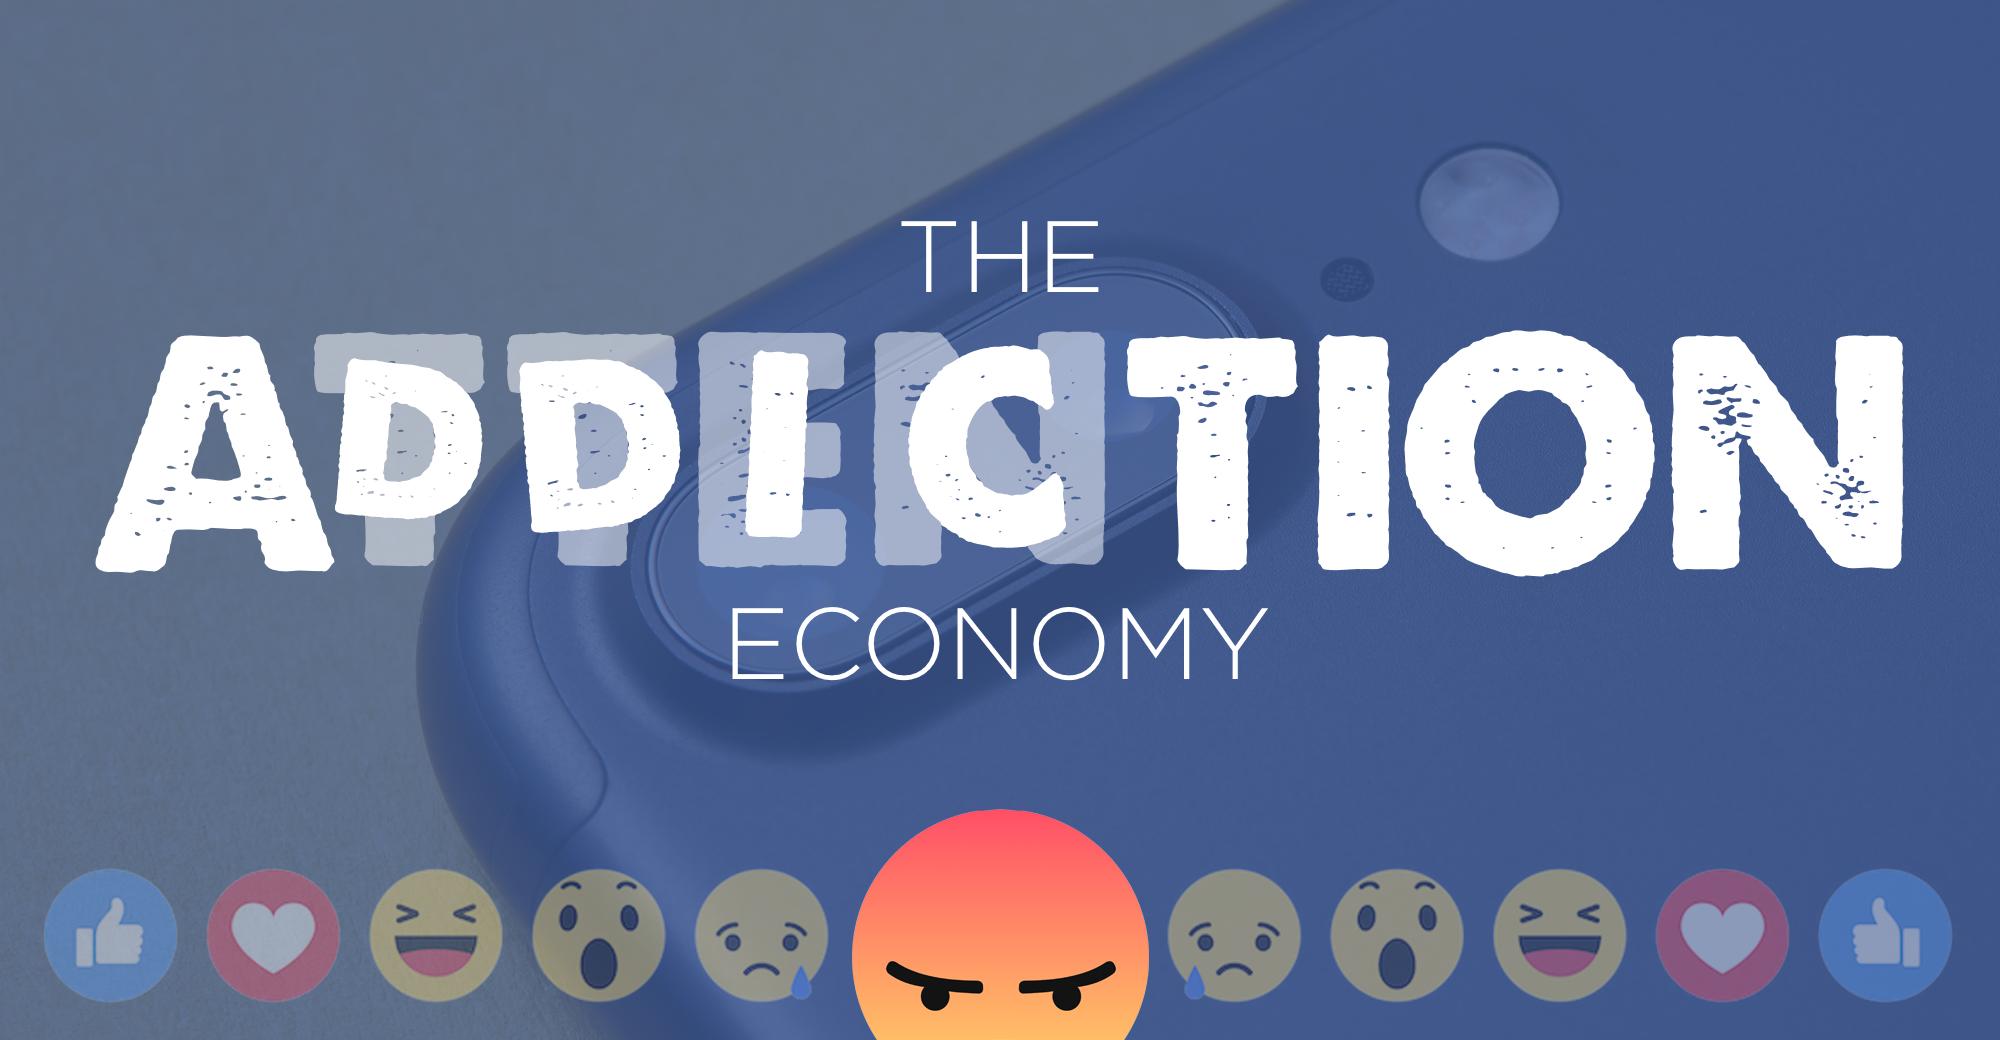 [Интересное из-за бугра] Как мы остановим технологическую зависимость? - 1